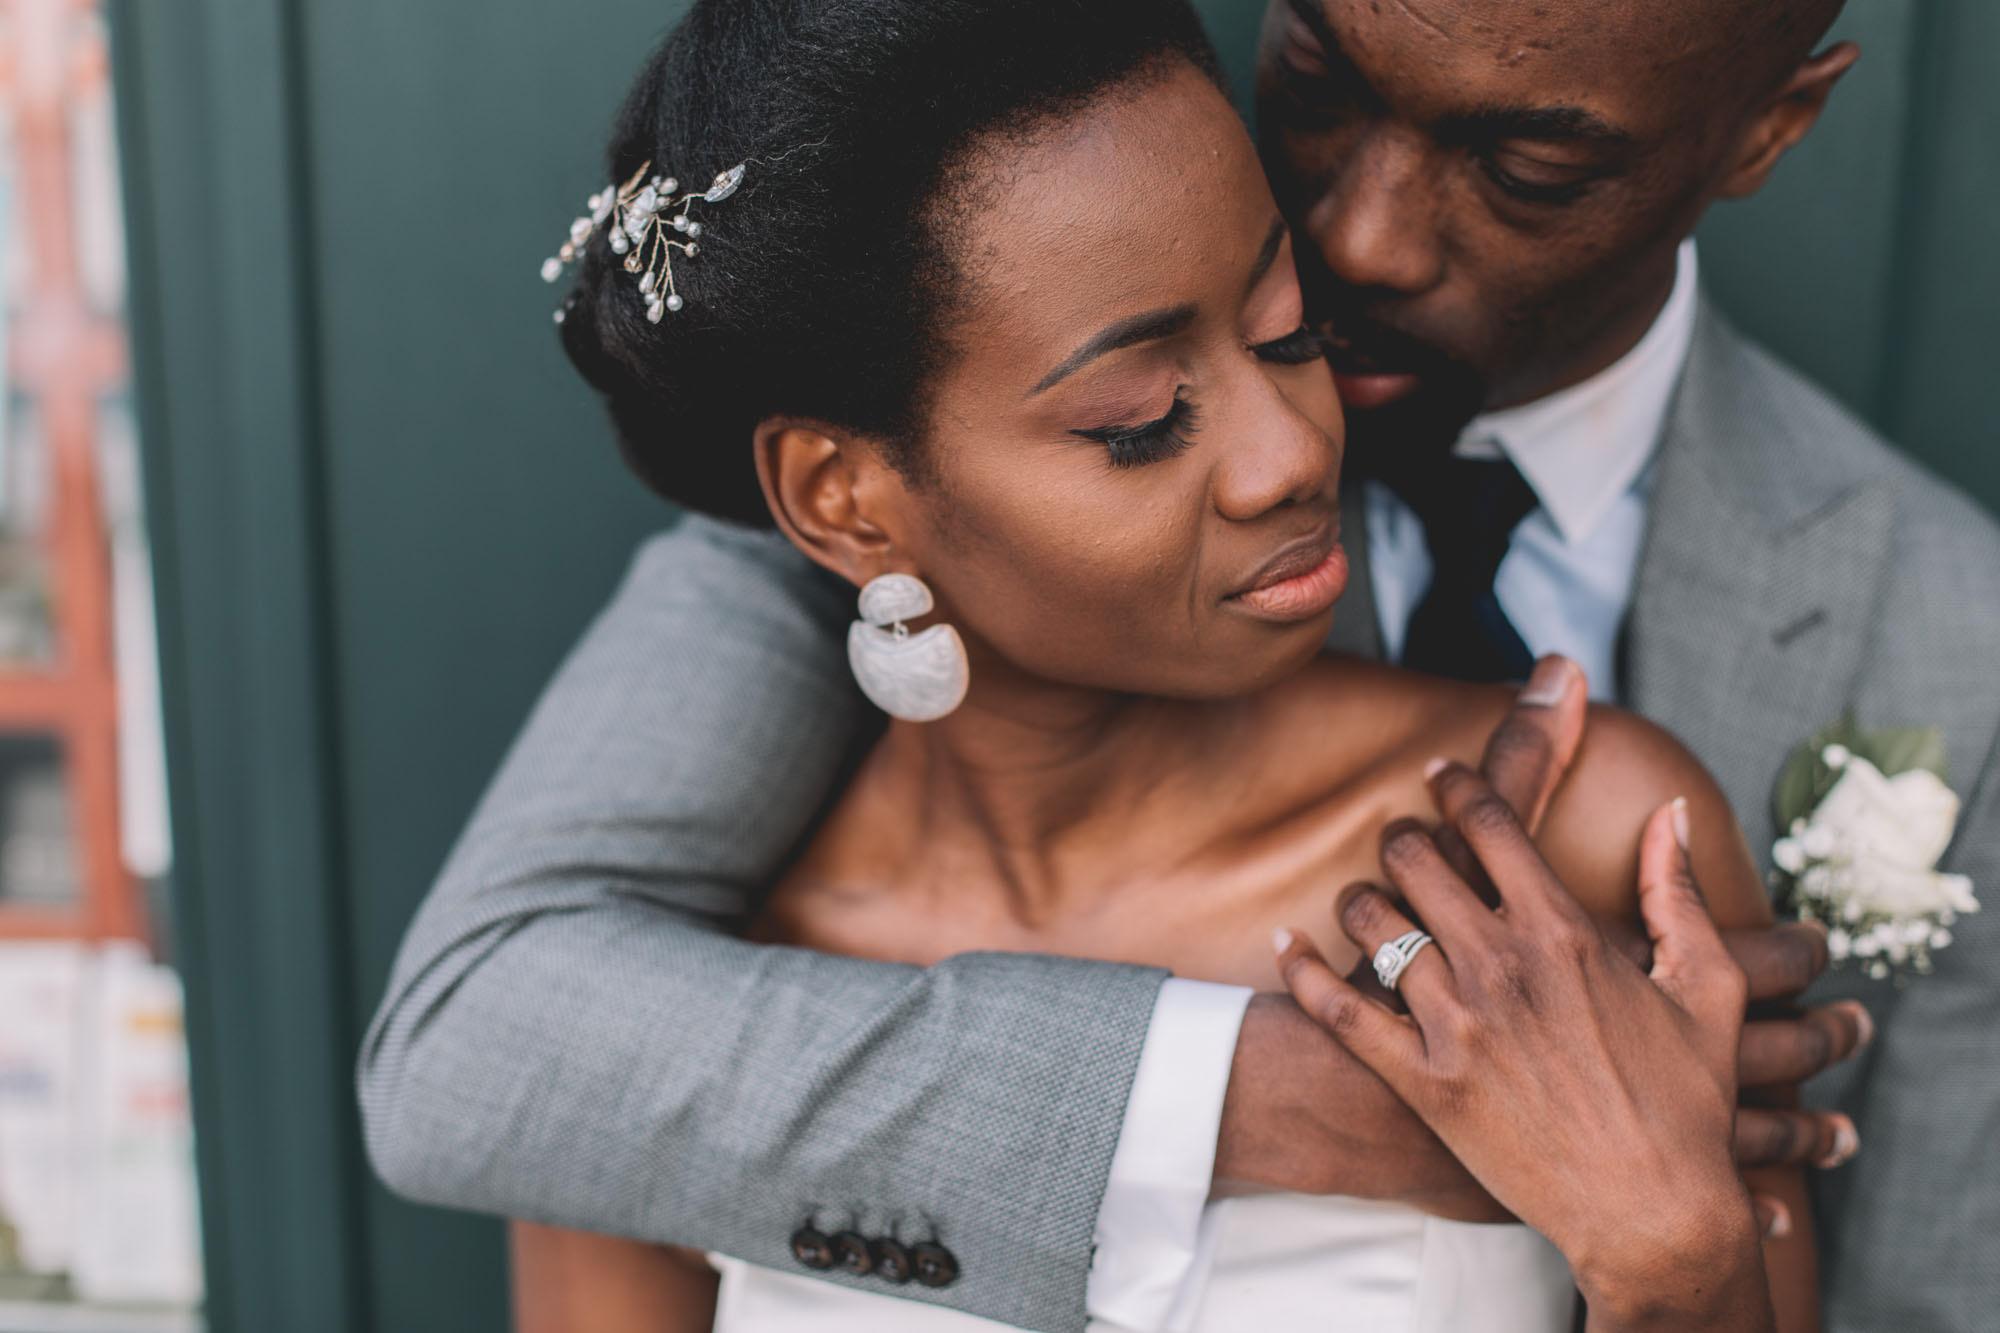 ADJAO + JEAN LOUIS_PHOTOGRAPHE MARIAGE_LES BANDITS-3